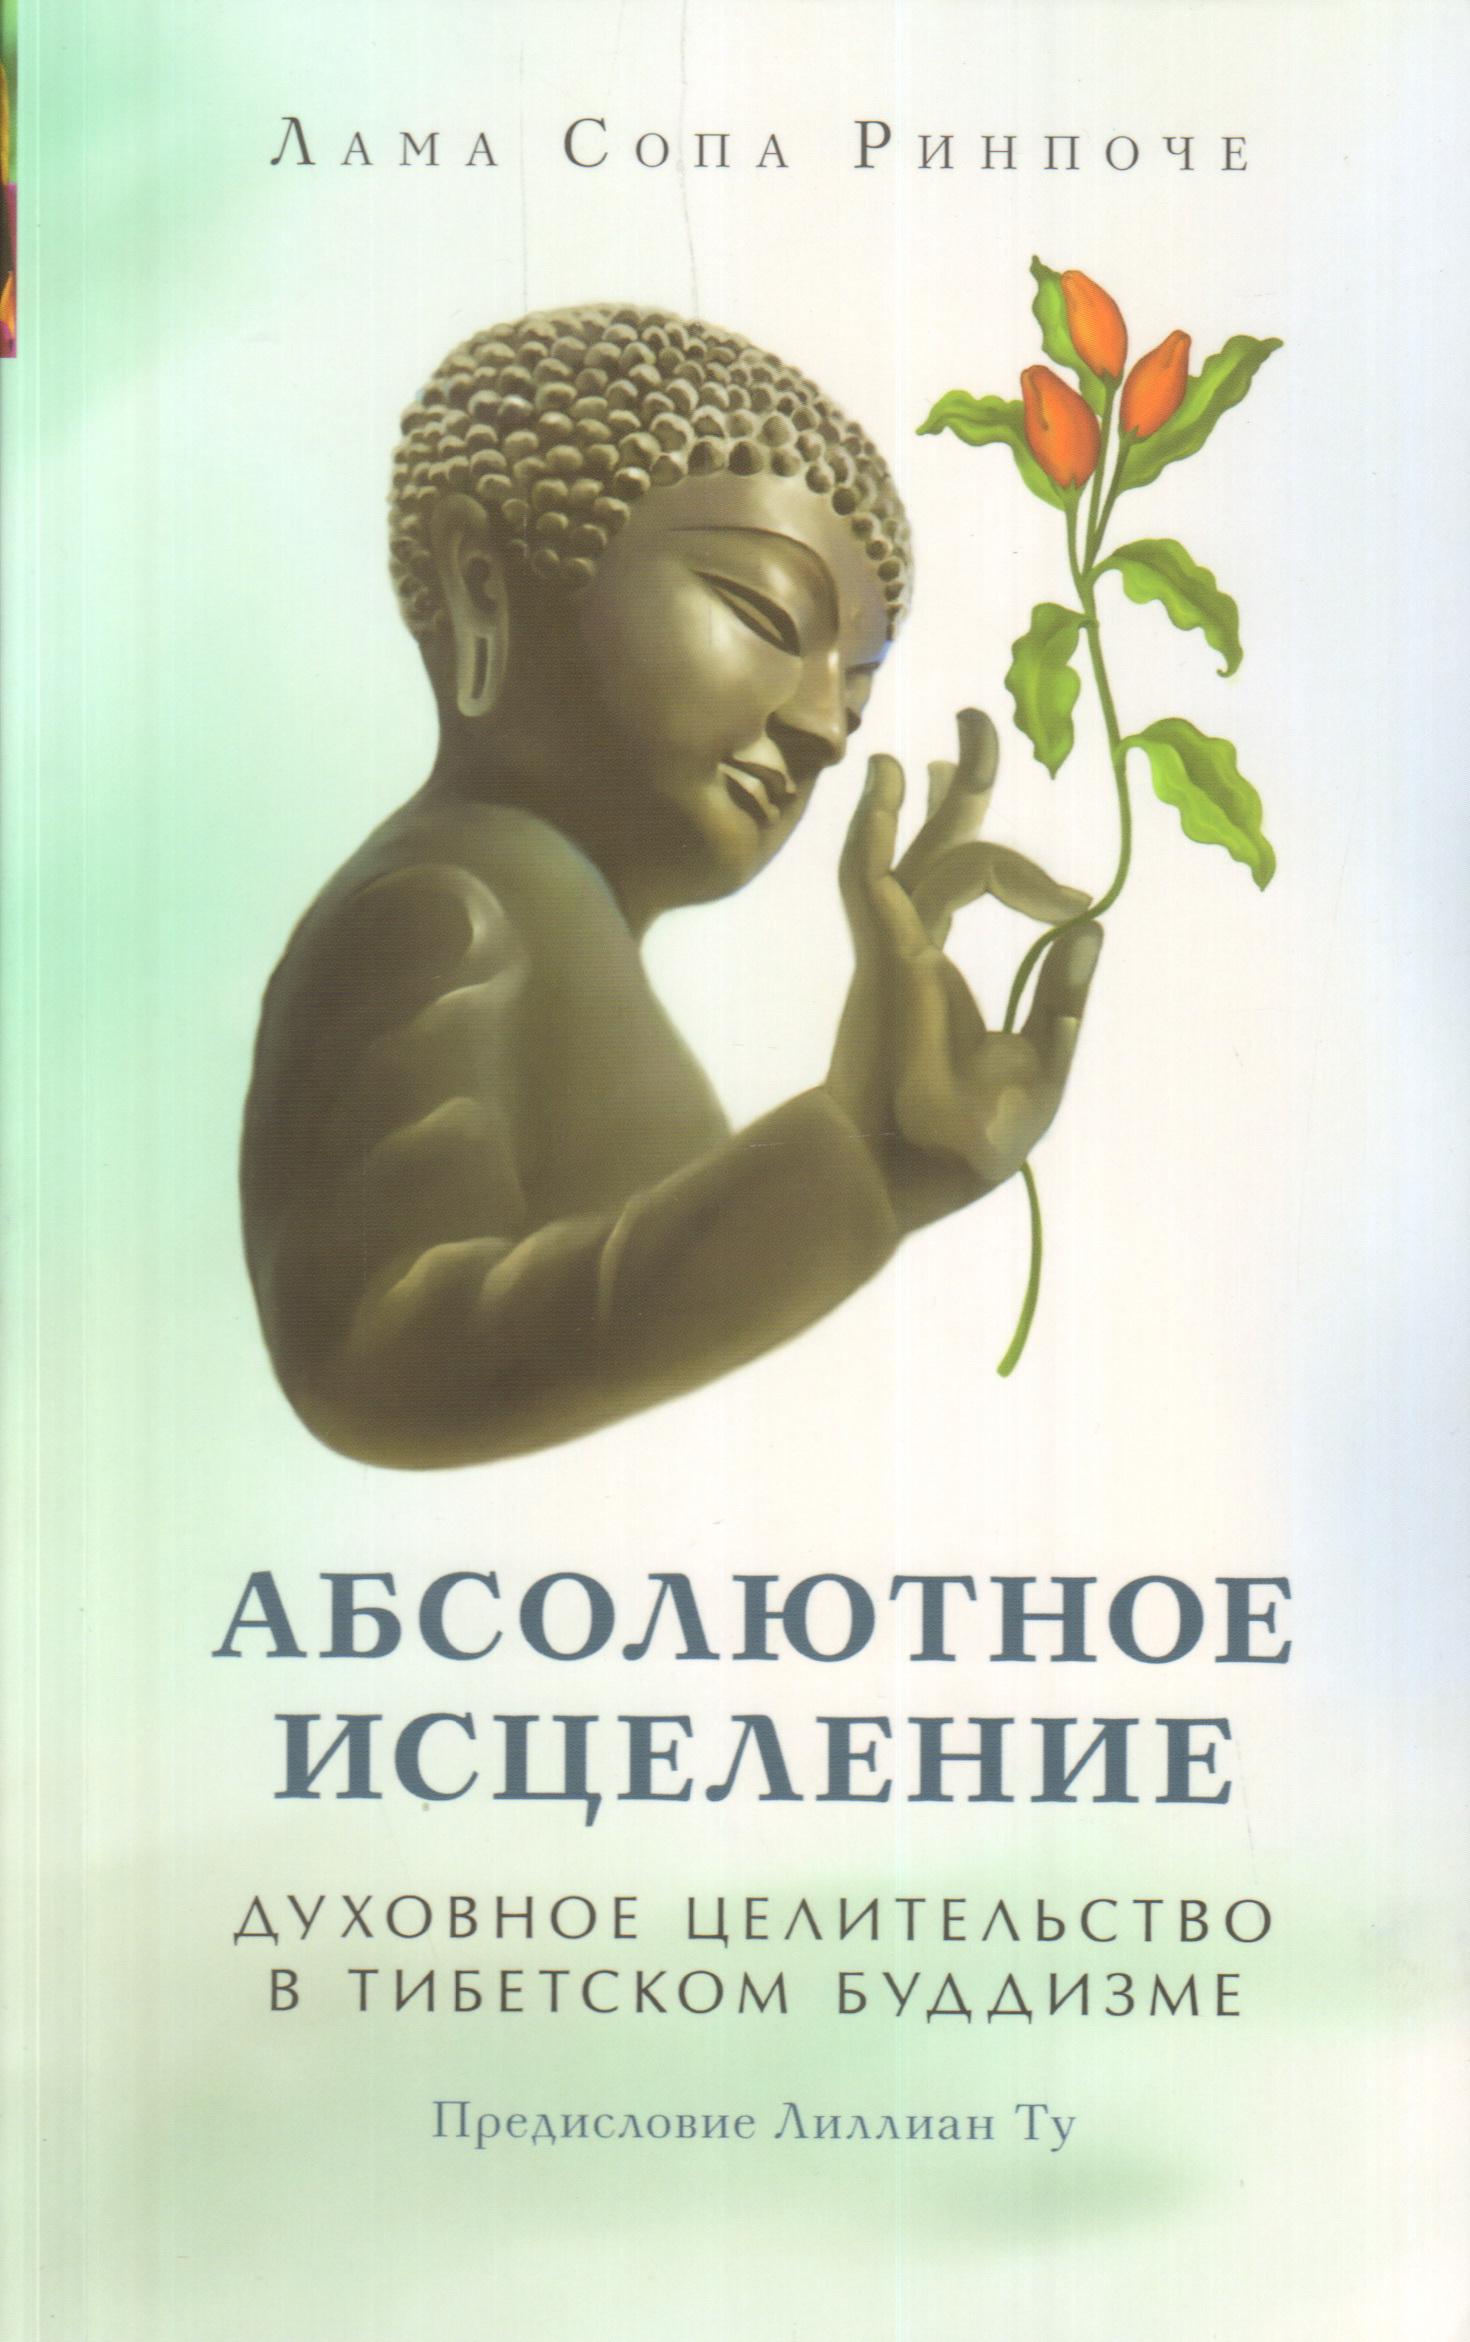 Абсолютное исцеление.Духовное целительство в тибетском буддизме